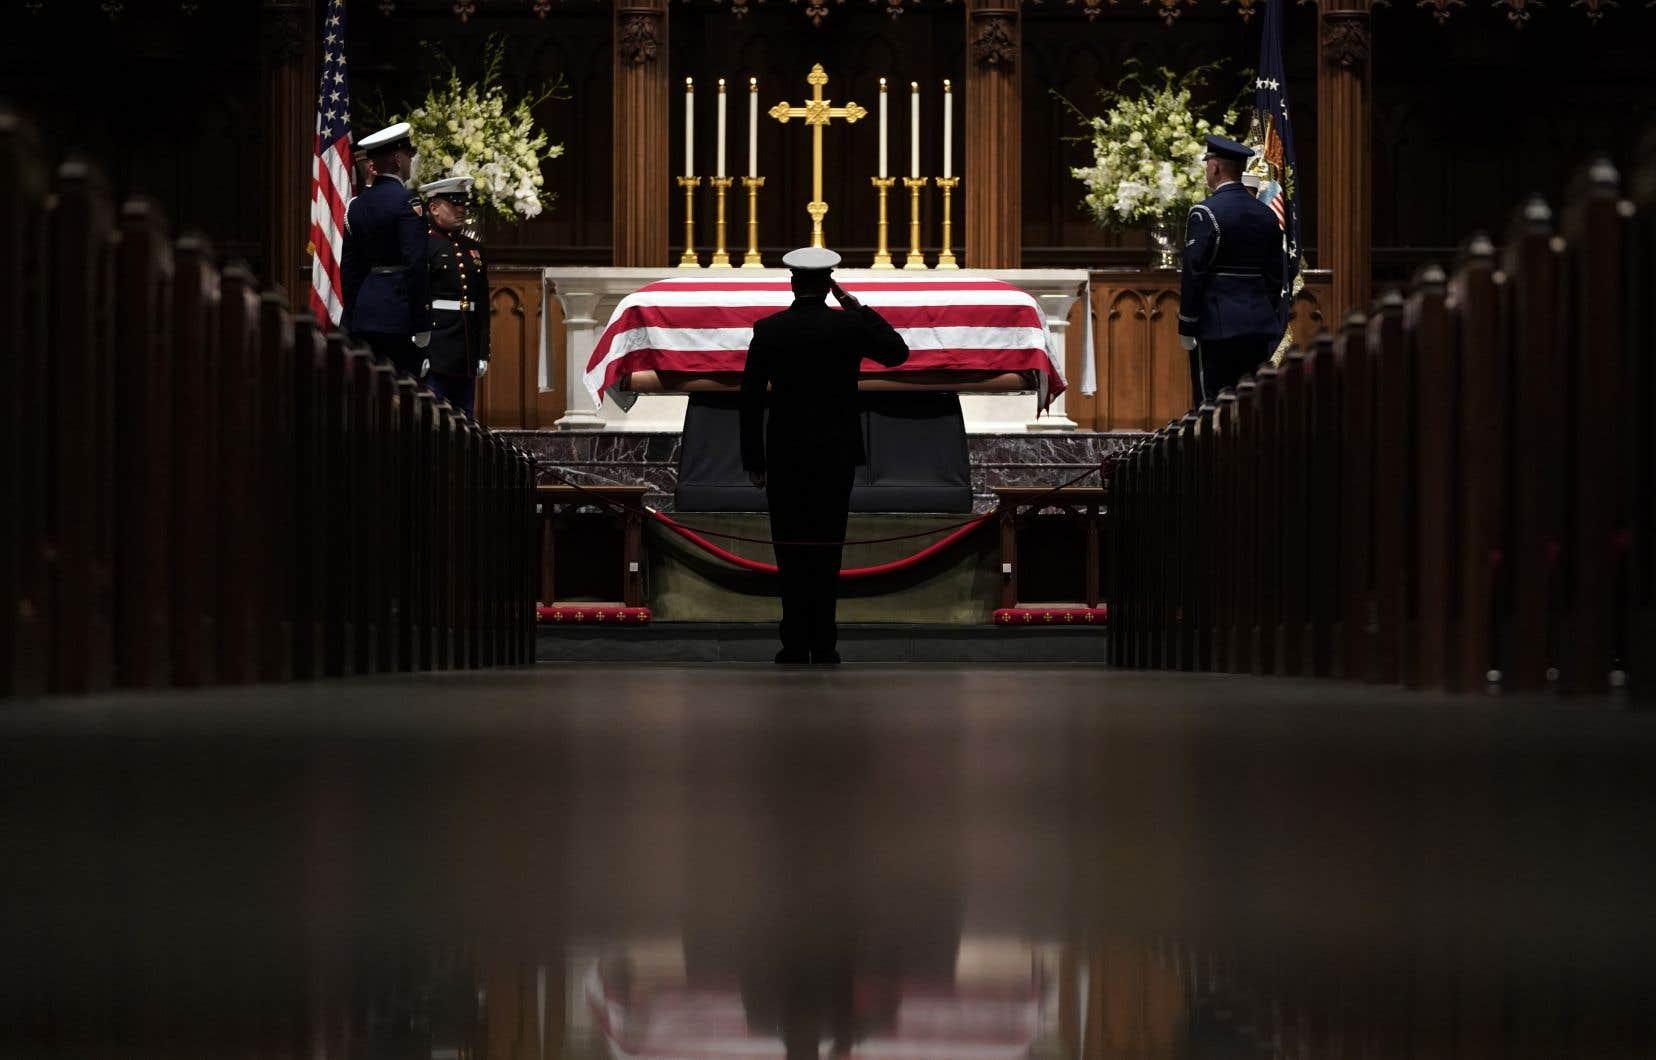 Le cercueil du 41eprésident américain a quitté pour la dernière fois Washington pour le Texas, où il sera inhumé jeudi.